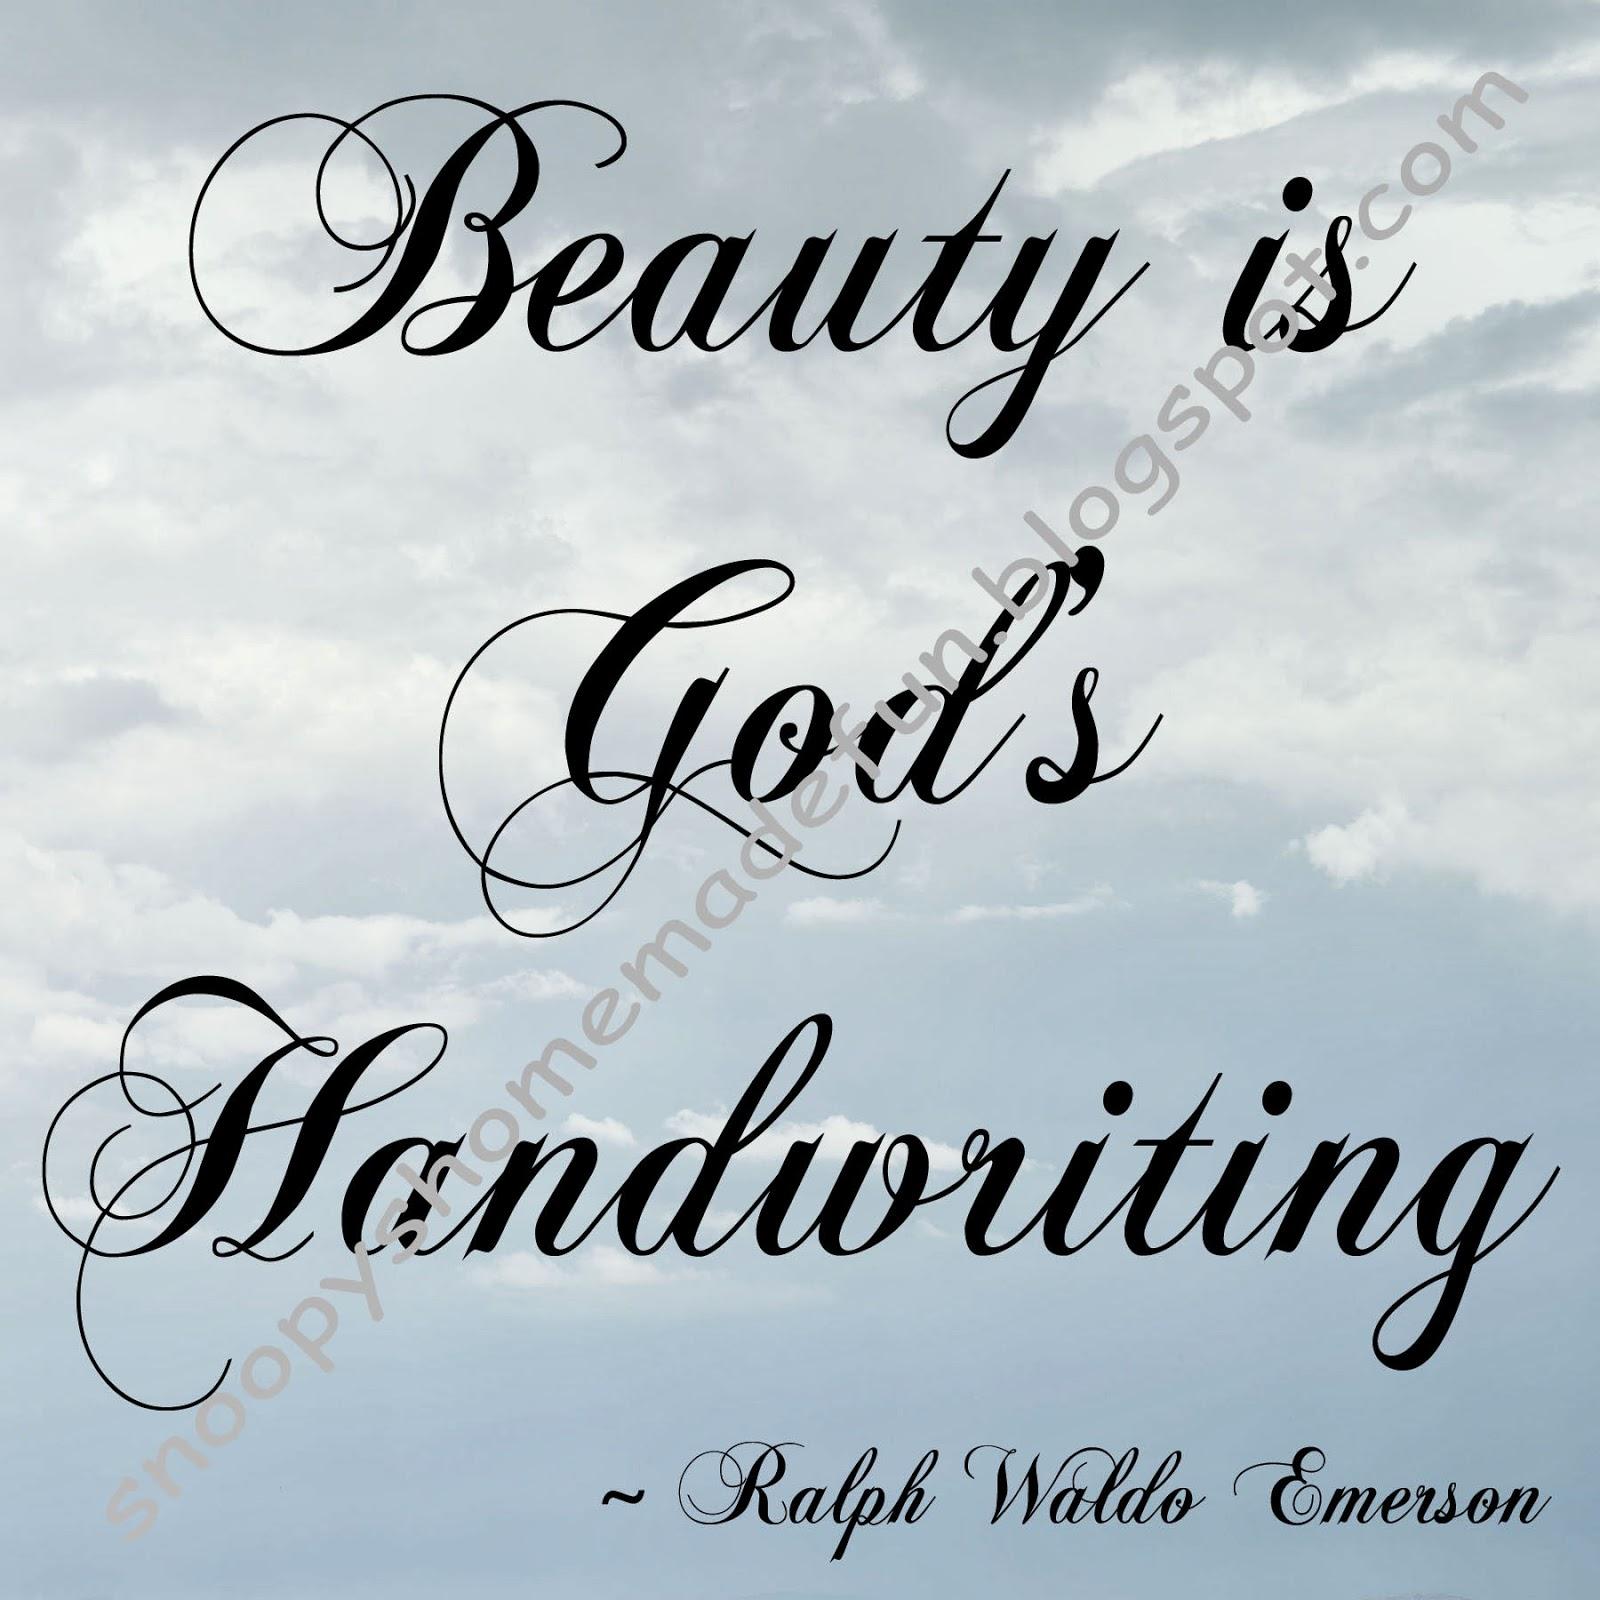 http://2.bp.blogspot.com/-uLE3XPrMqE4/UzYYdWgu1rI/AAAAAAAARXw/pD_9C8YuT3Q/s1600/SHF+Beauty+watermarked.jpg